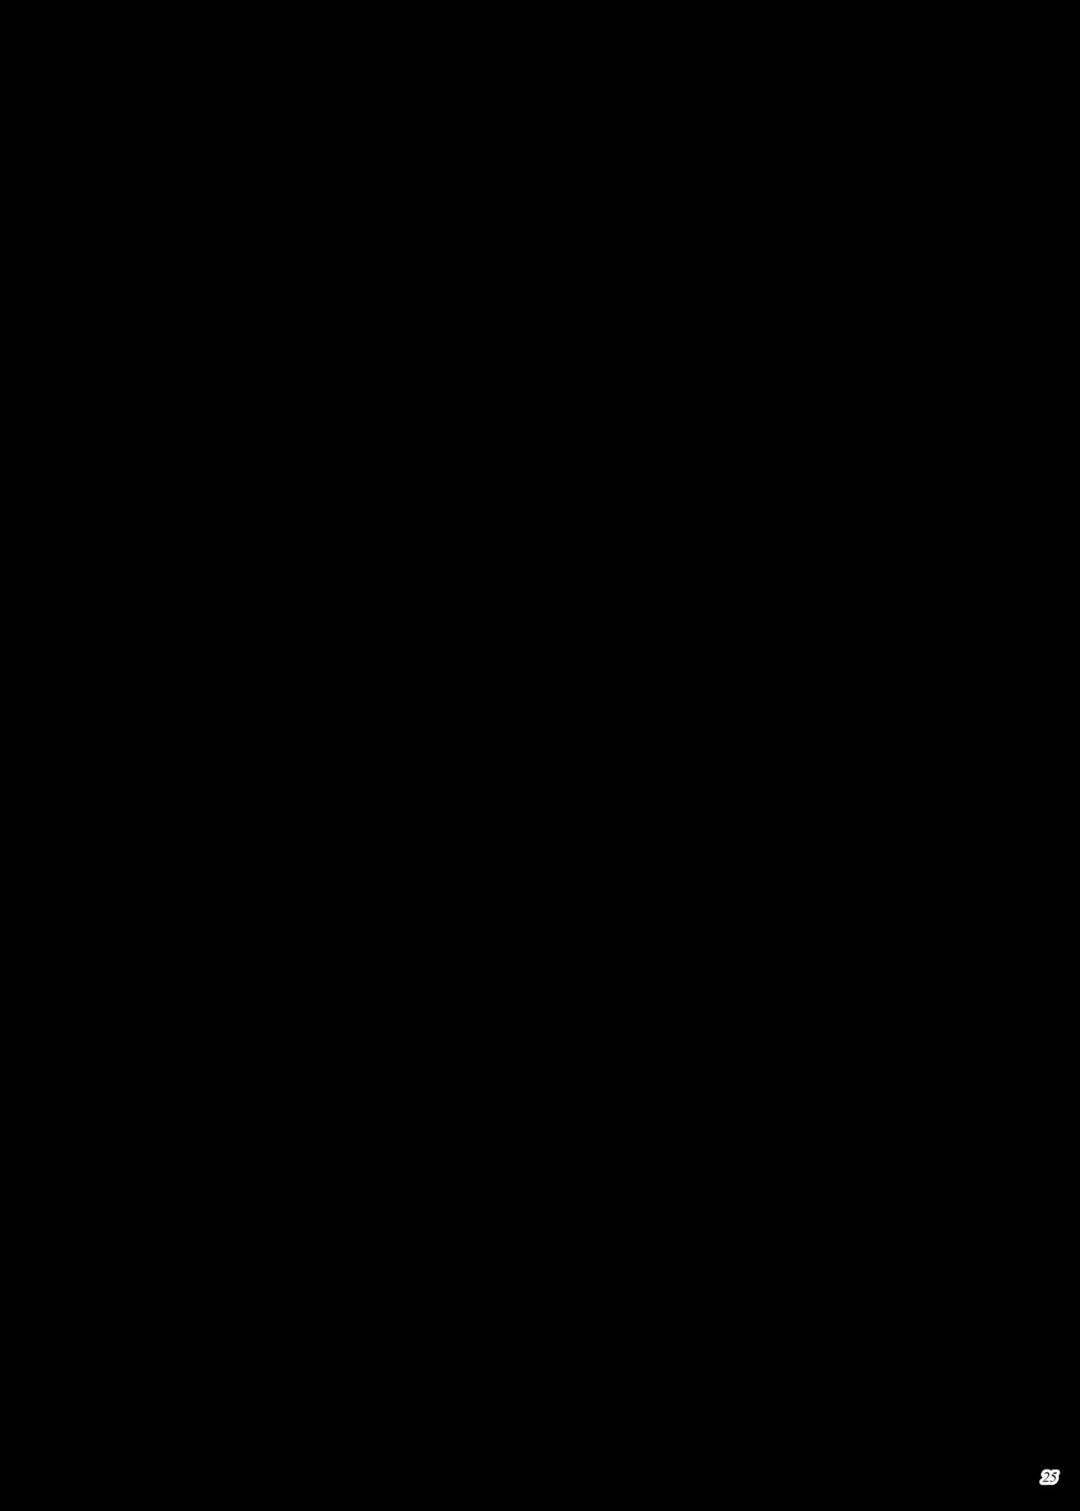 【エロ漫画】娘の彼氏とエッチな事をする関係になってしまったムチムチ爆乳母。淫乱な彼女は娘がすぐ近くにいるにも関わらず、こっそりとエロ衣装姿で彼にバキュームフェラしたり、パイズリしたりして大量射精させたりする!